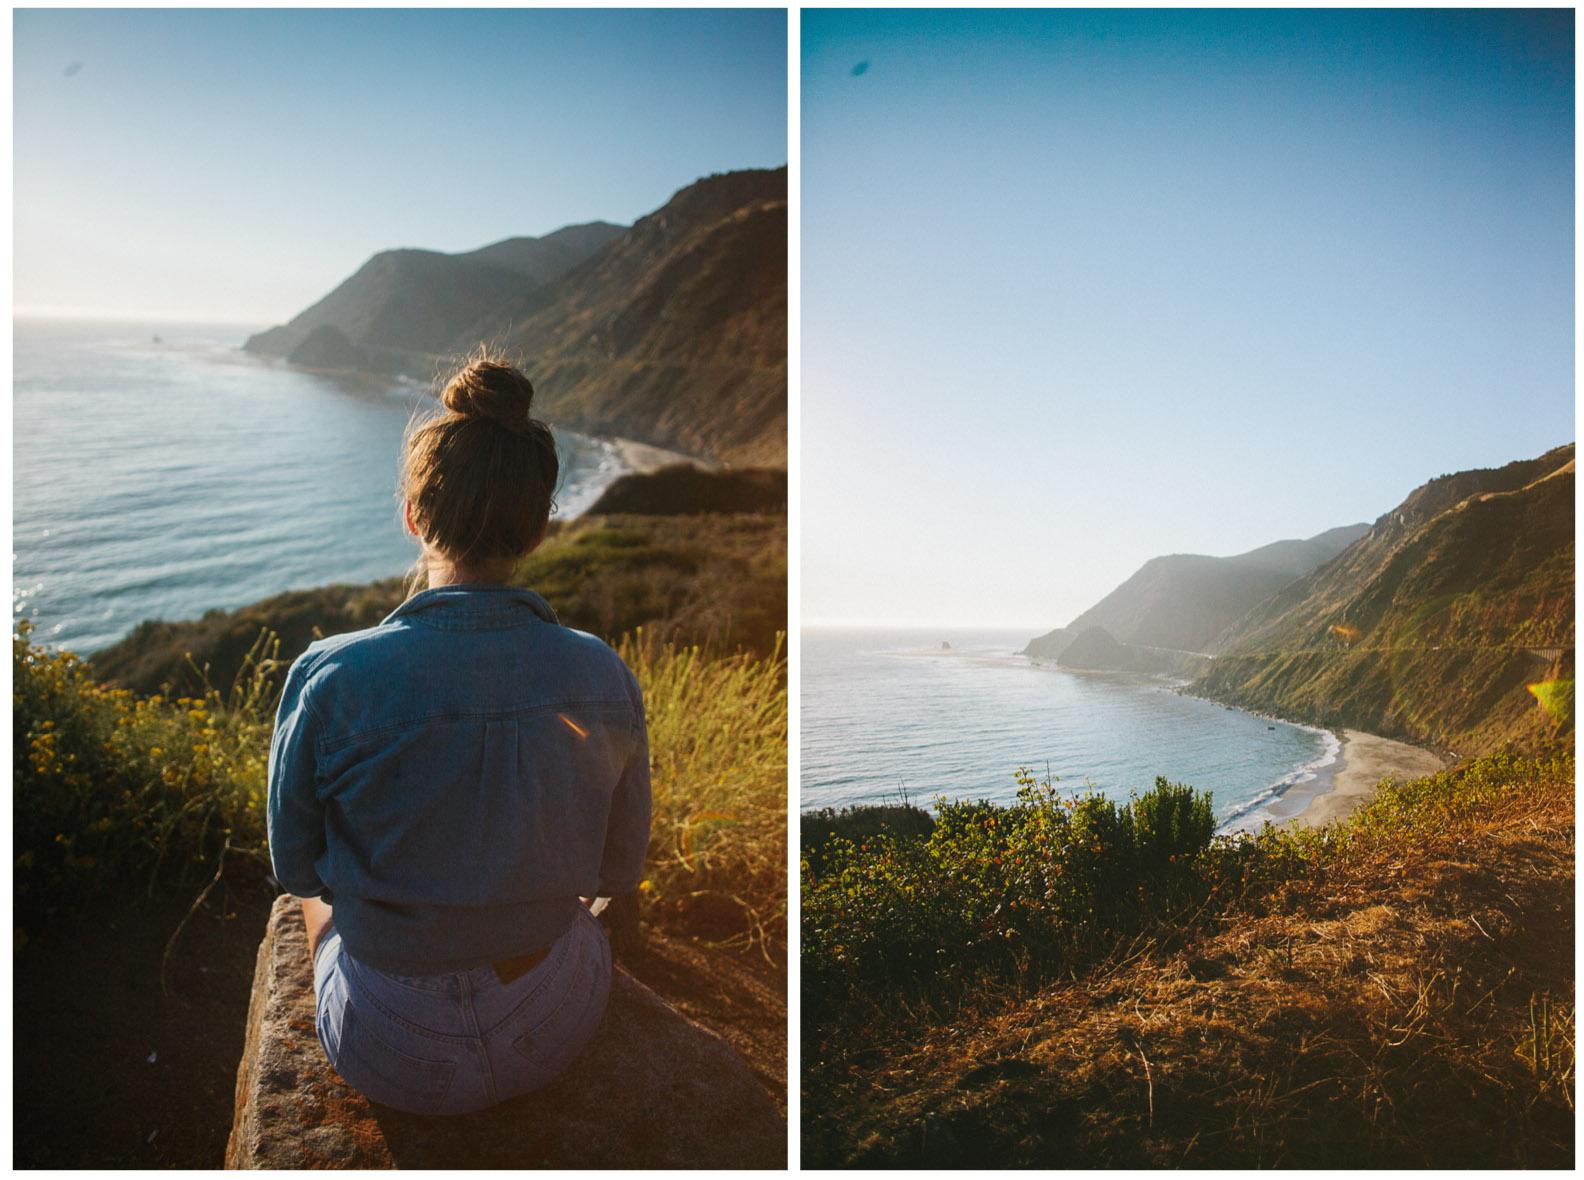 Big Sur, Coastal Hwy 1, California